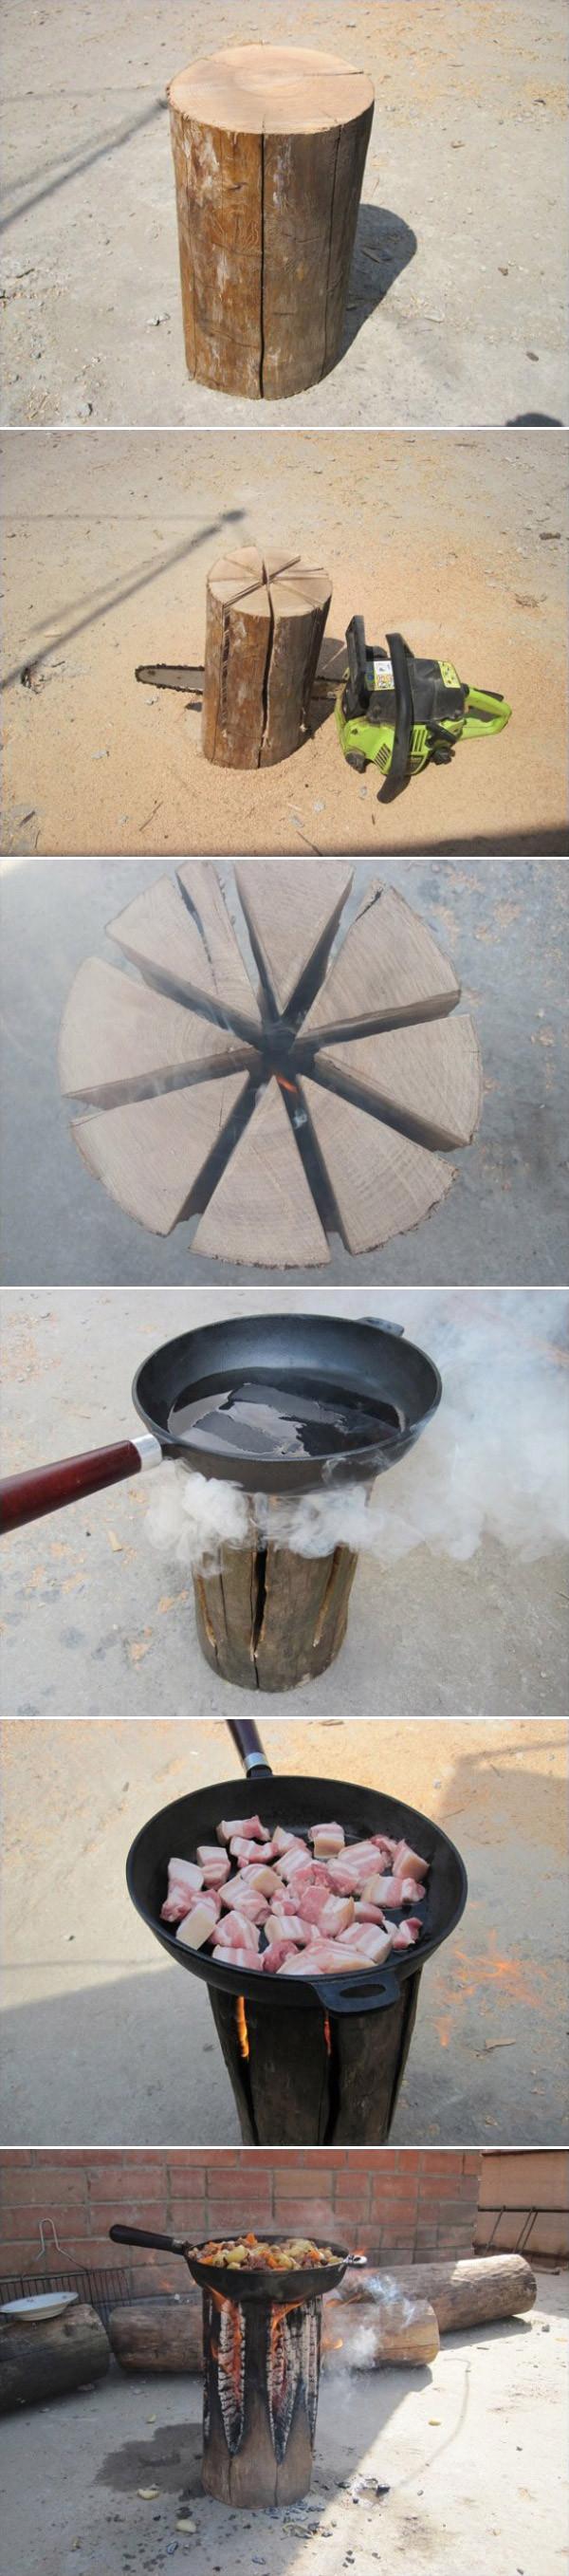 Diy Feuerstelle  DIY Feuerstelle ganz eunfach selbst gemacht Praktisch